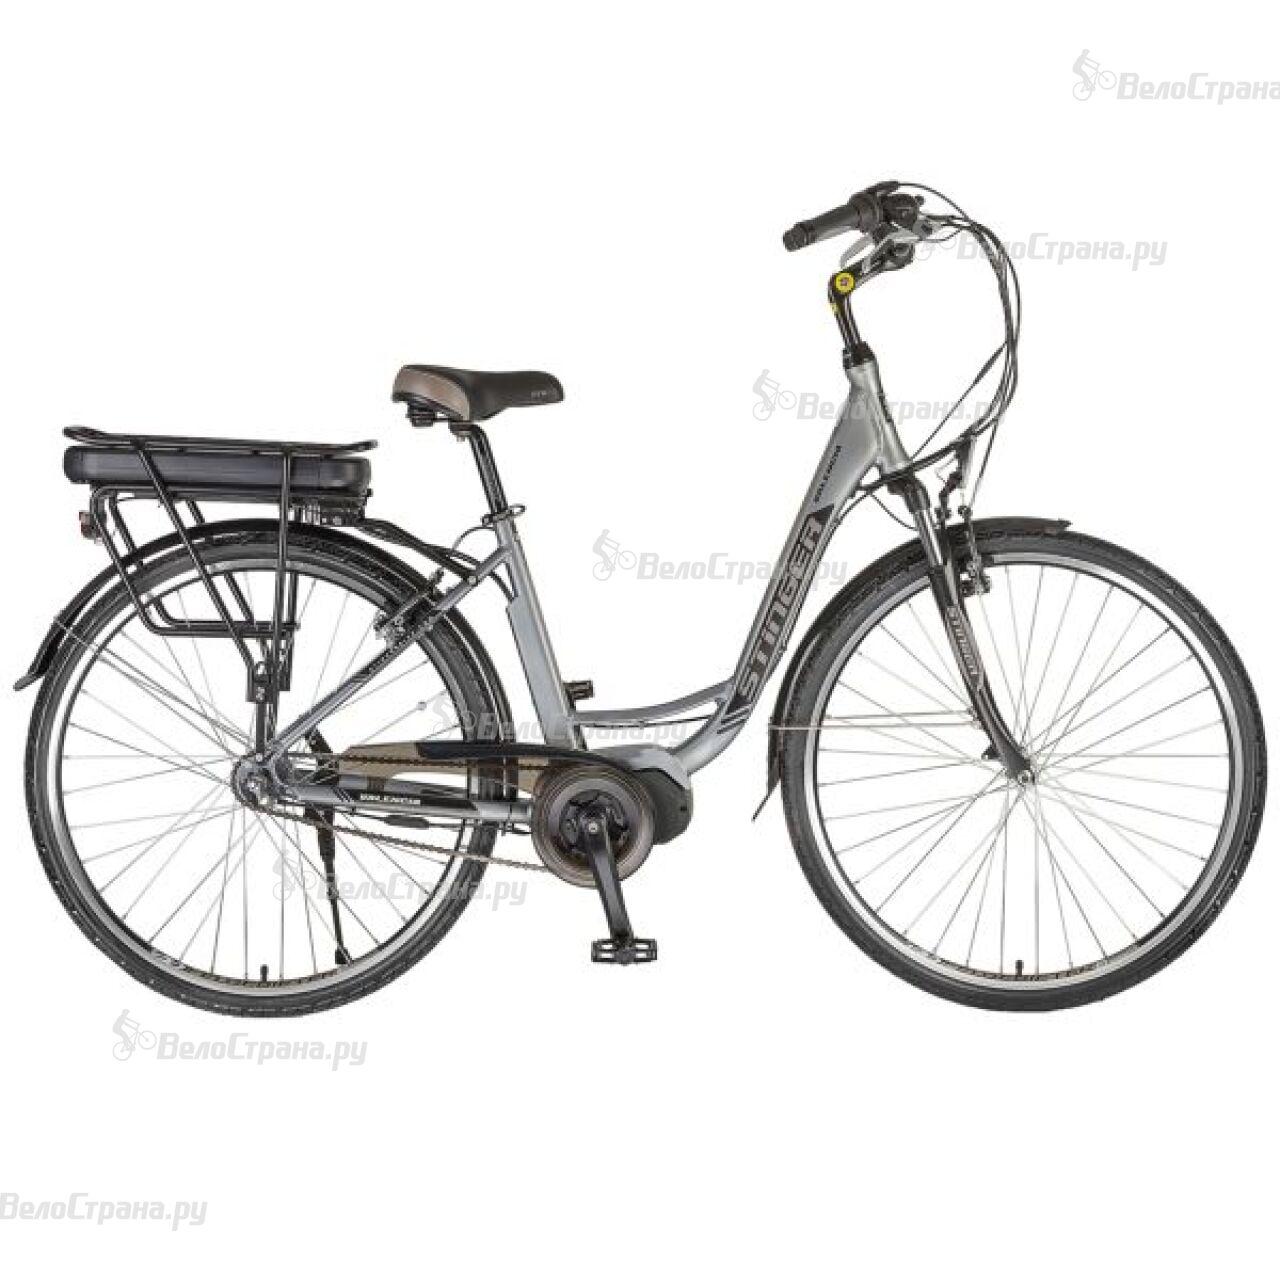 Велосипед Stinger 28 Valencia (2017) оправа valencia оправа valencia 32018 с10